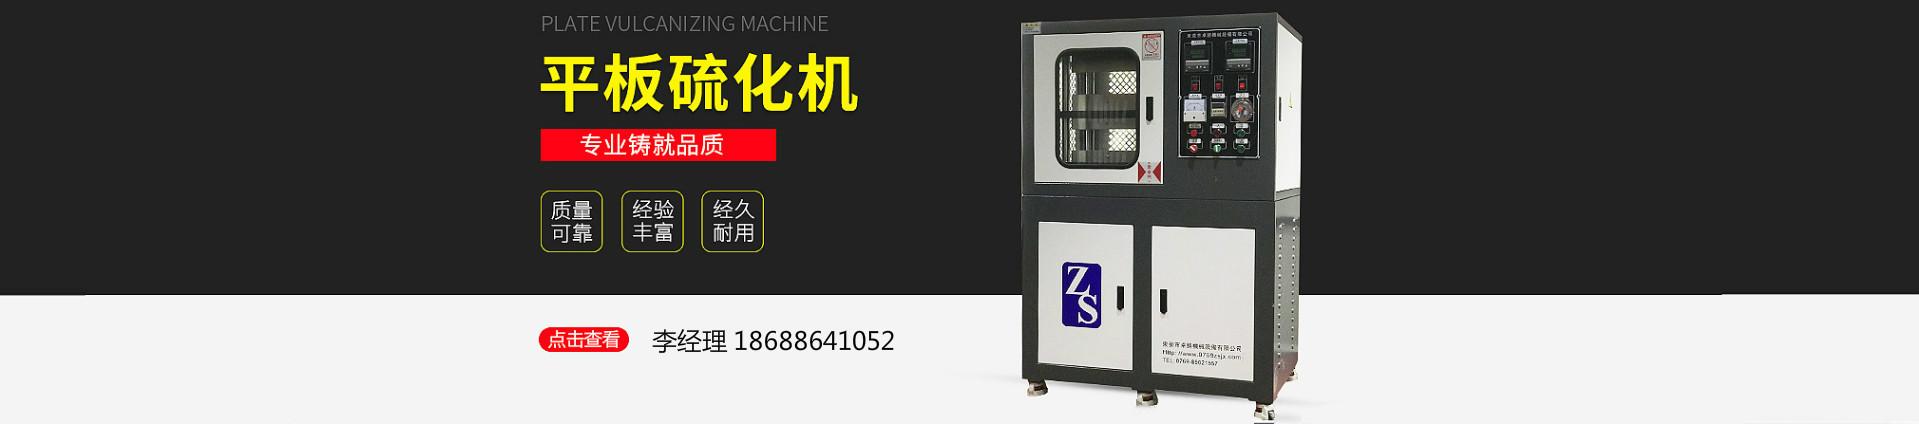 东莞市卓胜机械设备有限公司